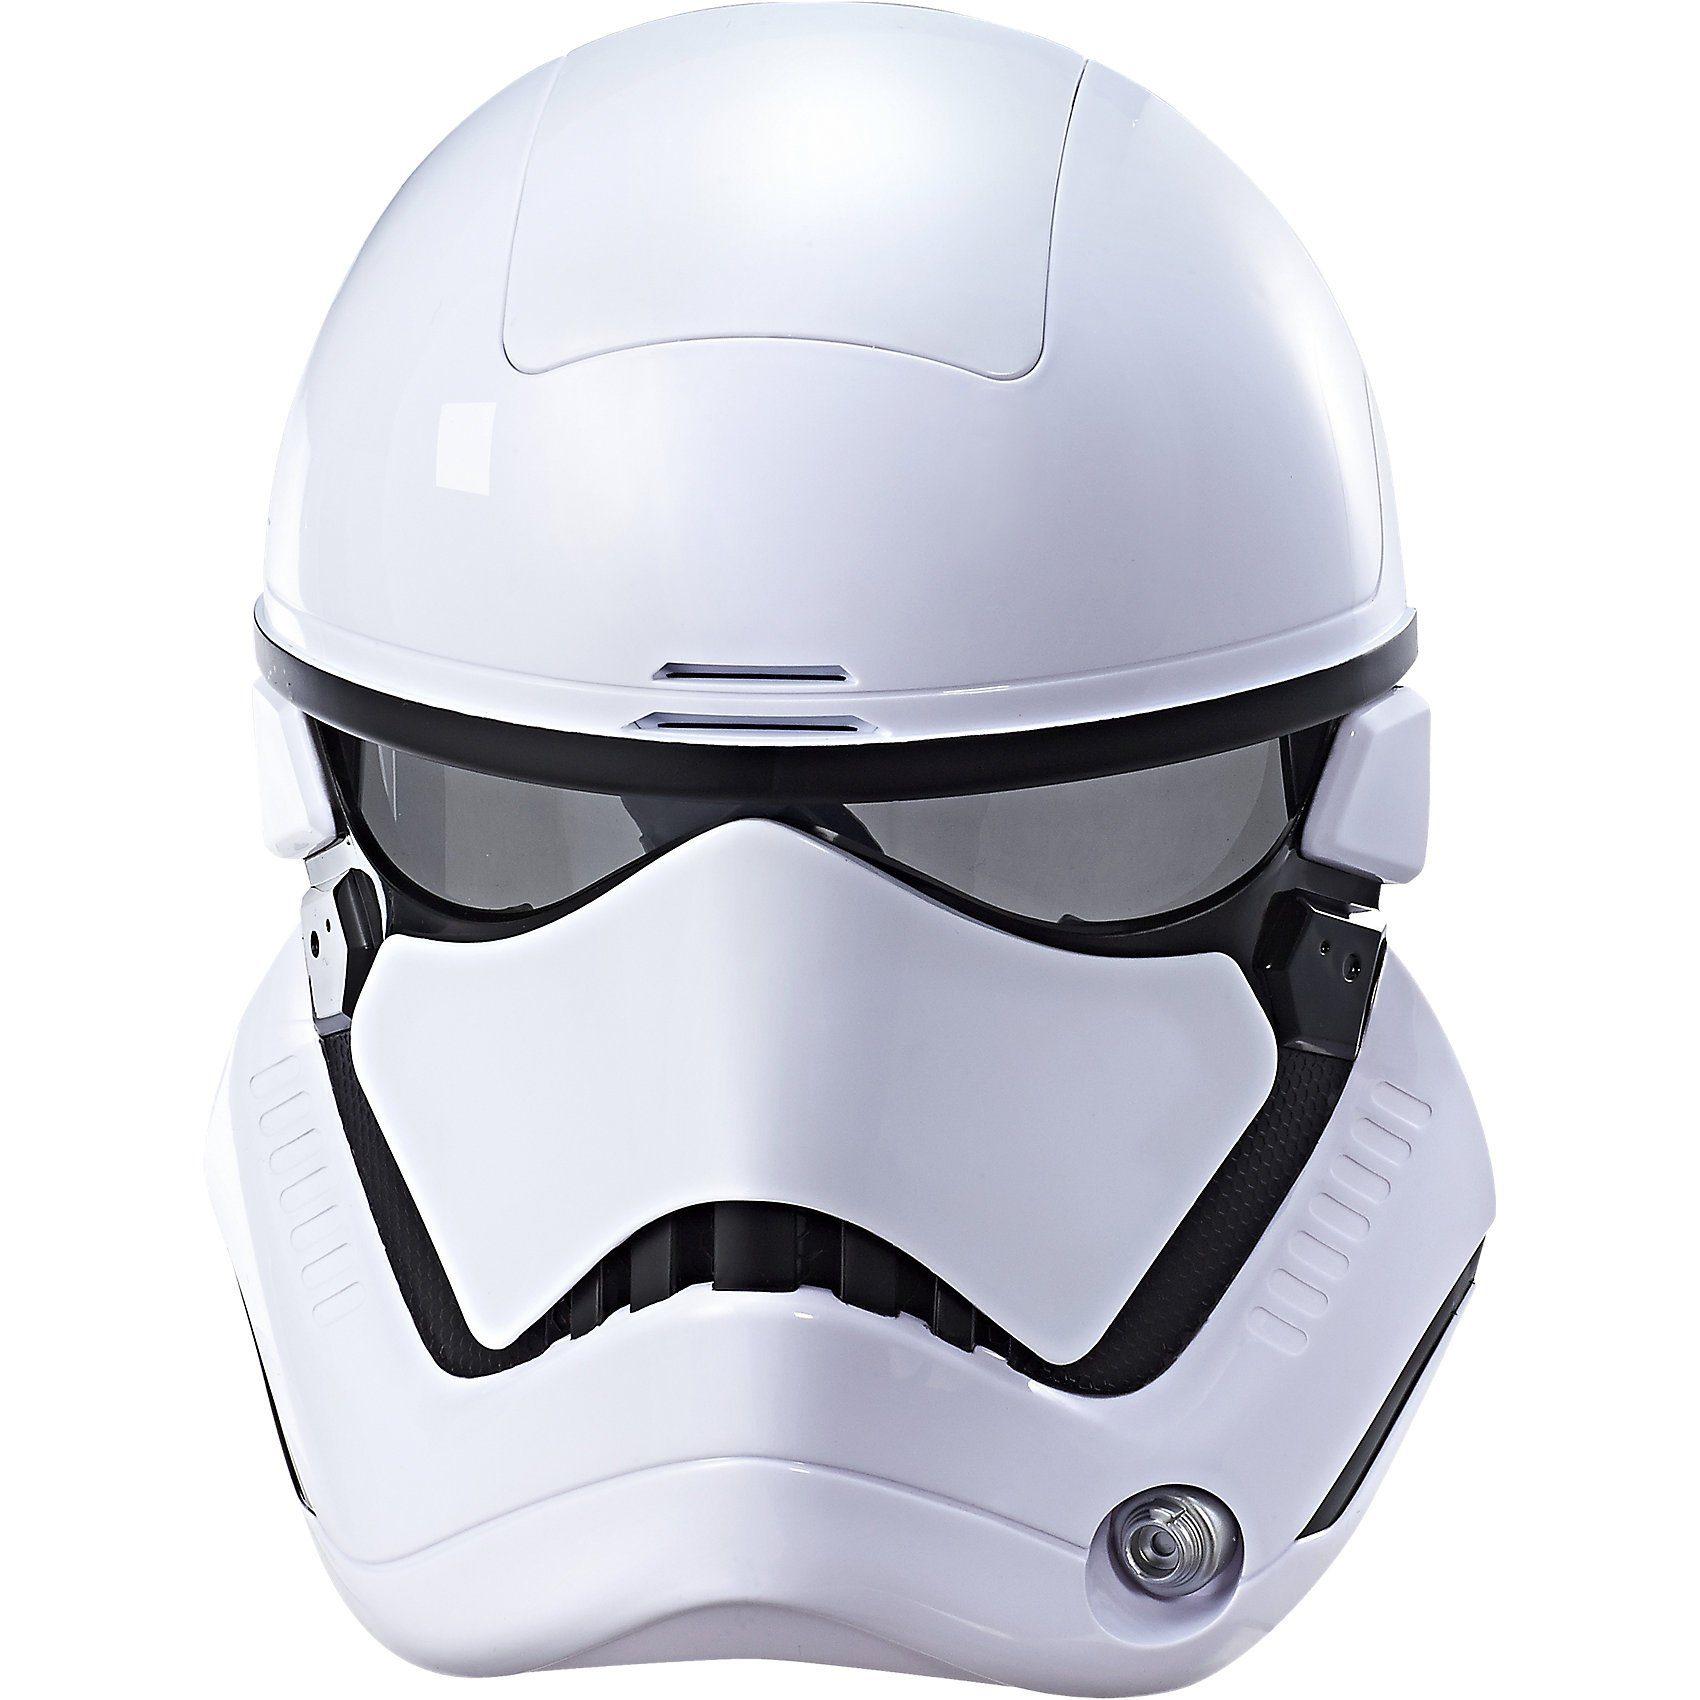 Hasbro Star Wars Episode 8 Elektronische Maske mit Stimmenverzerrer